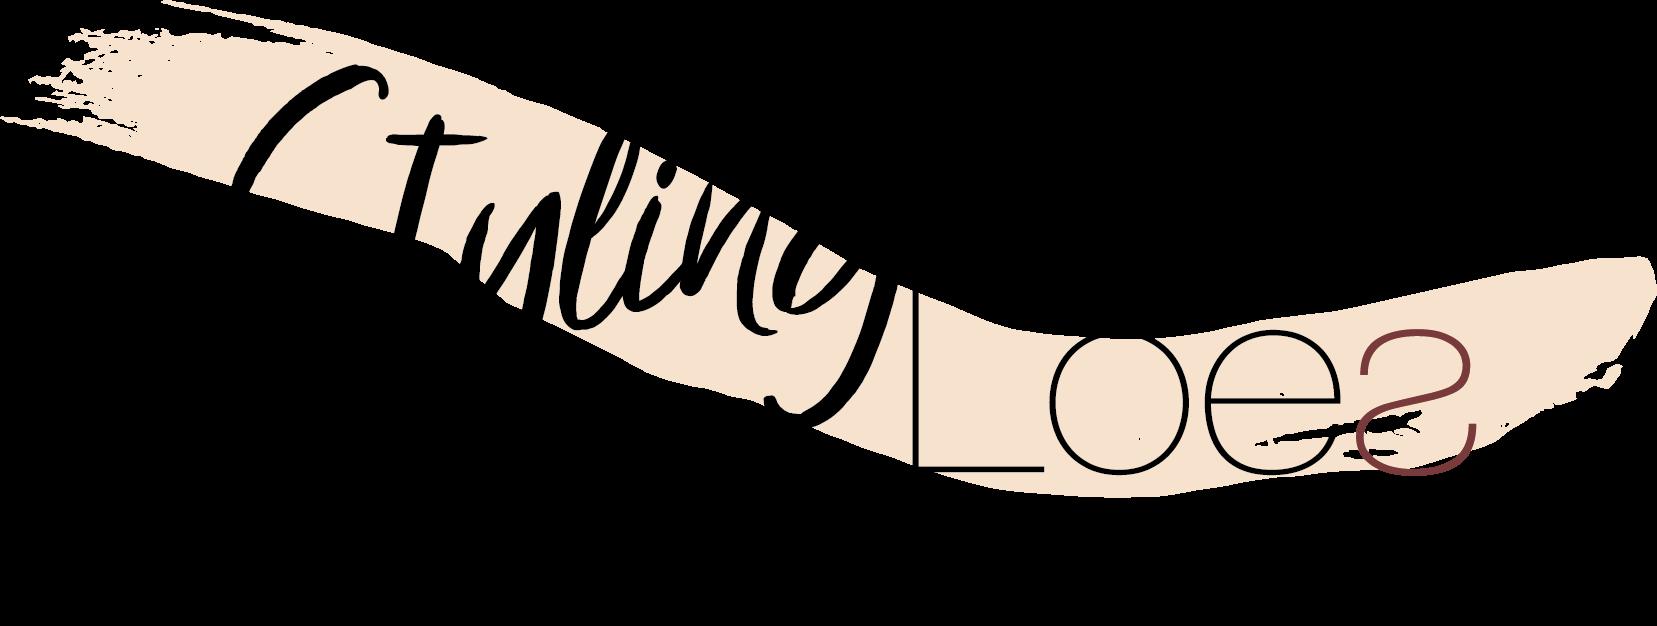 Styling by Loes - Interieur styling & advies. Voor een persoonlijk, en sfeervol interieur naar jouw wensen gecreëerd.